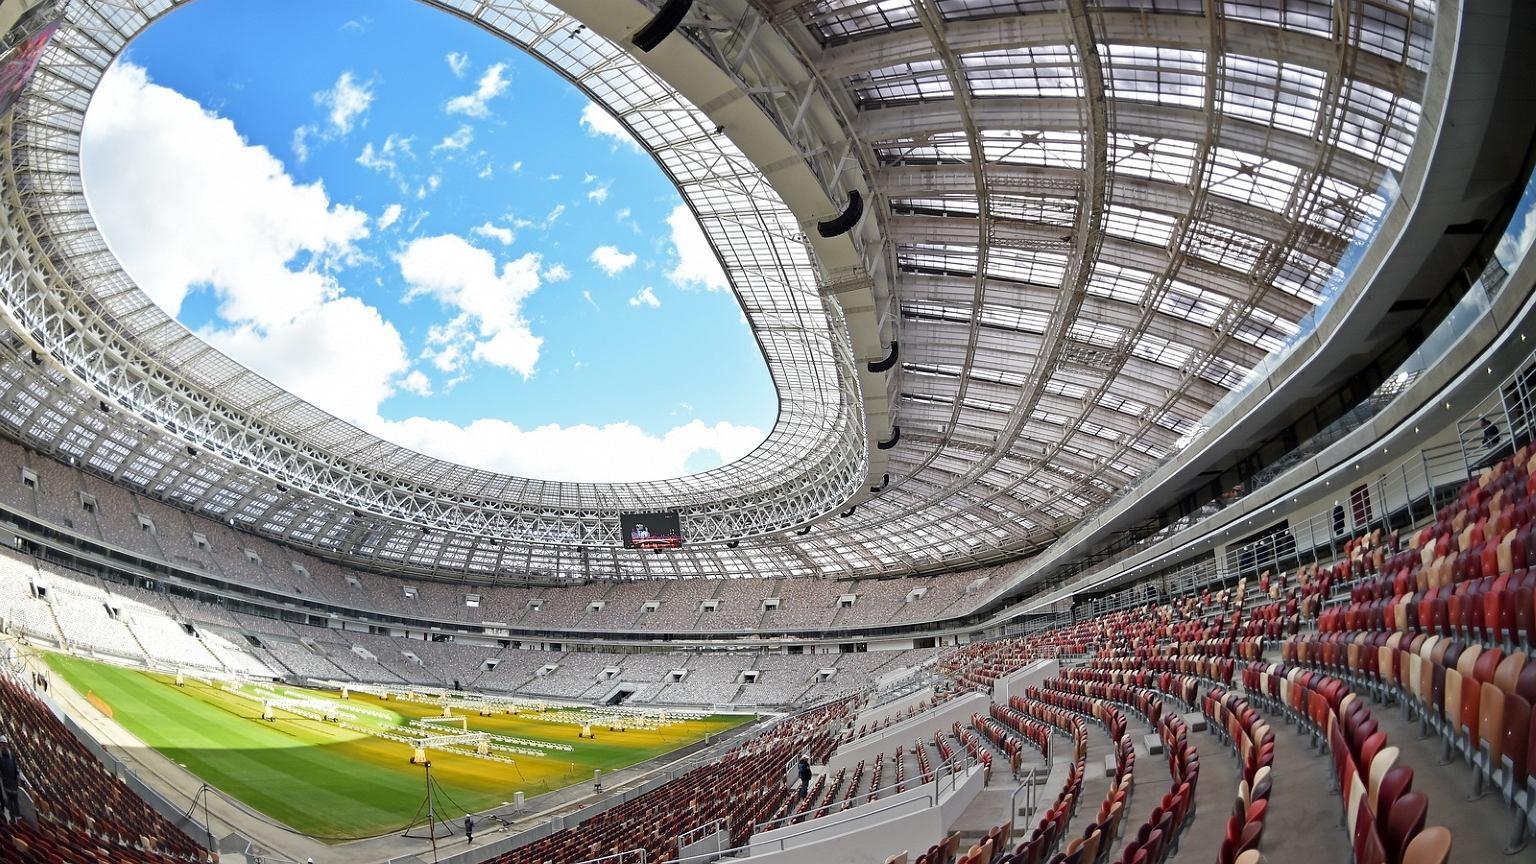 Mistrostwa świata w piłce nożnej 2018 rozpoczną się meczem na stadionie Łużniki w Moskwie